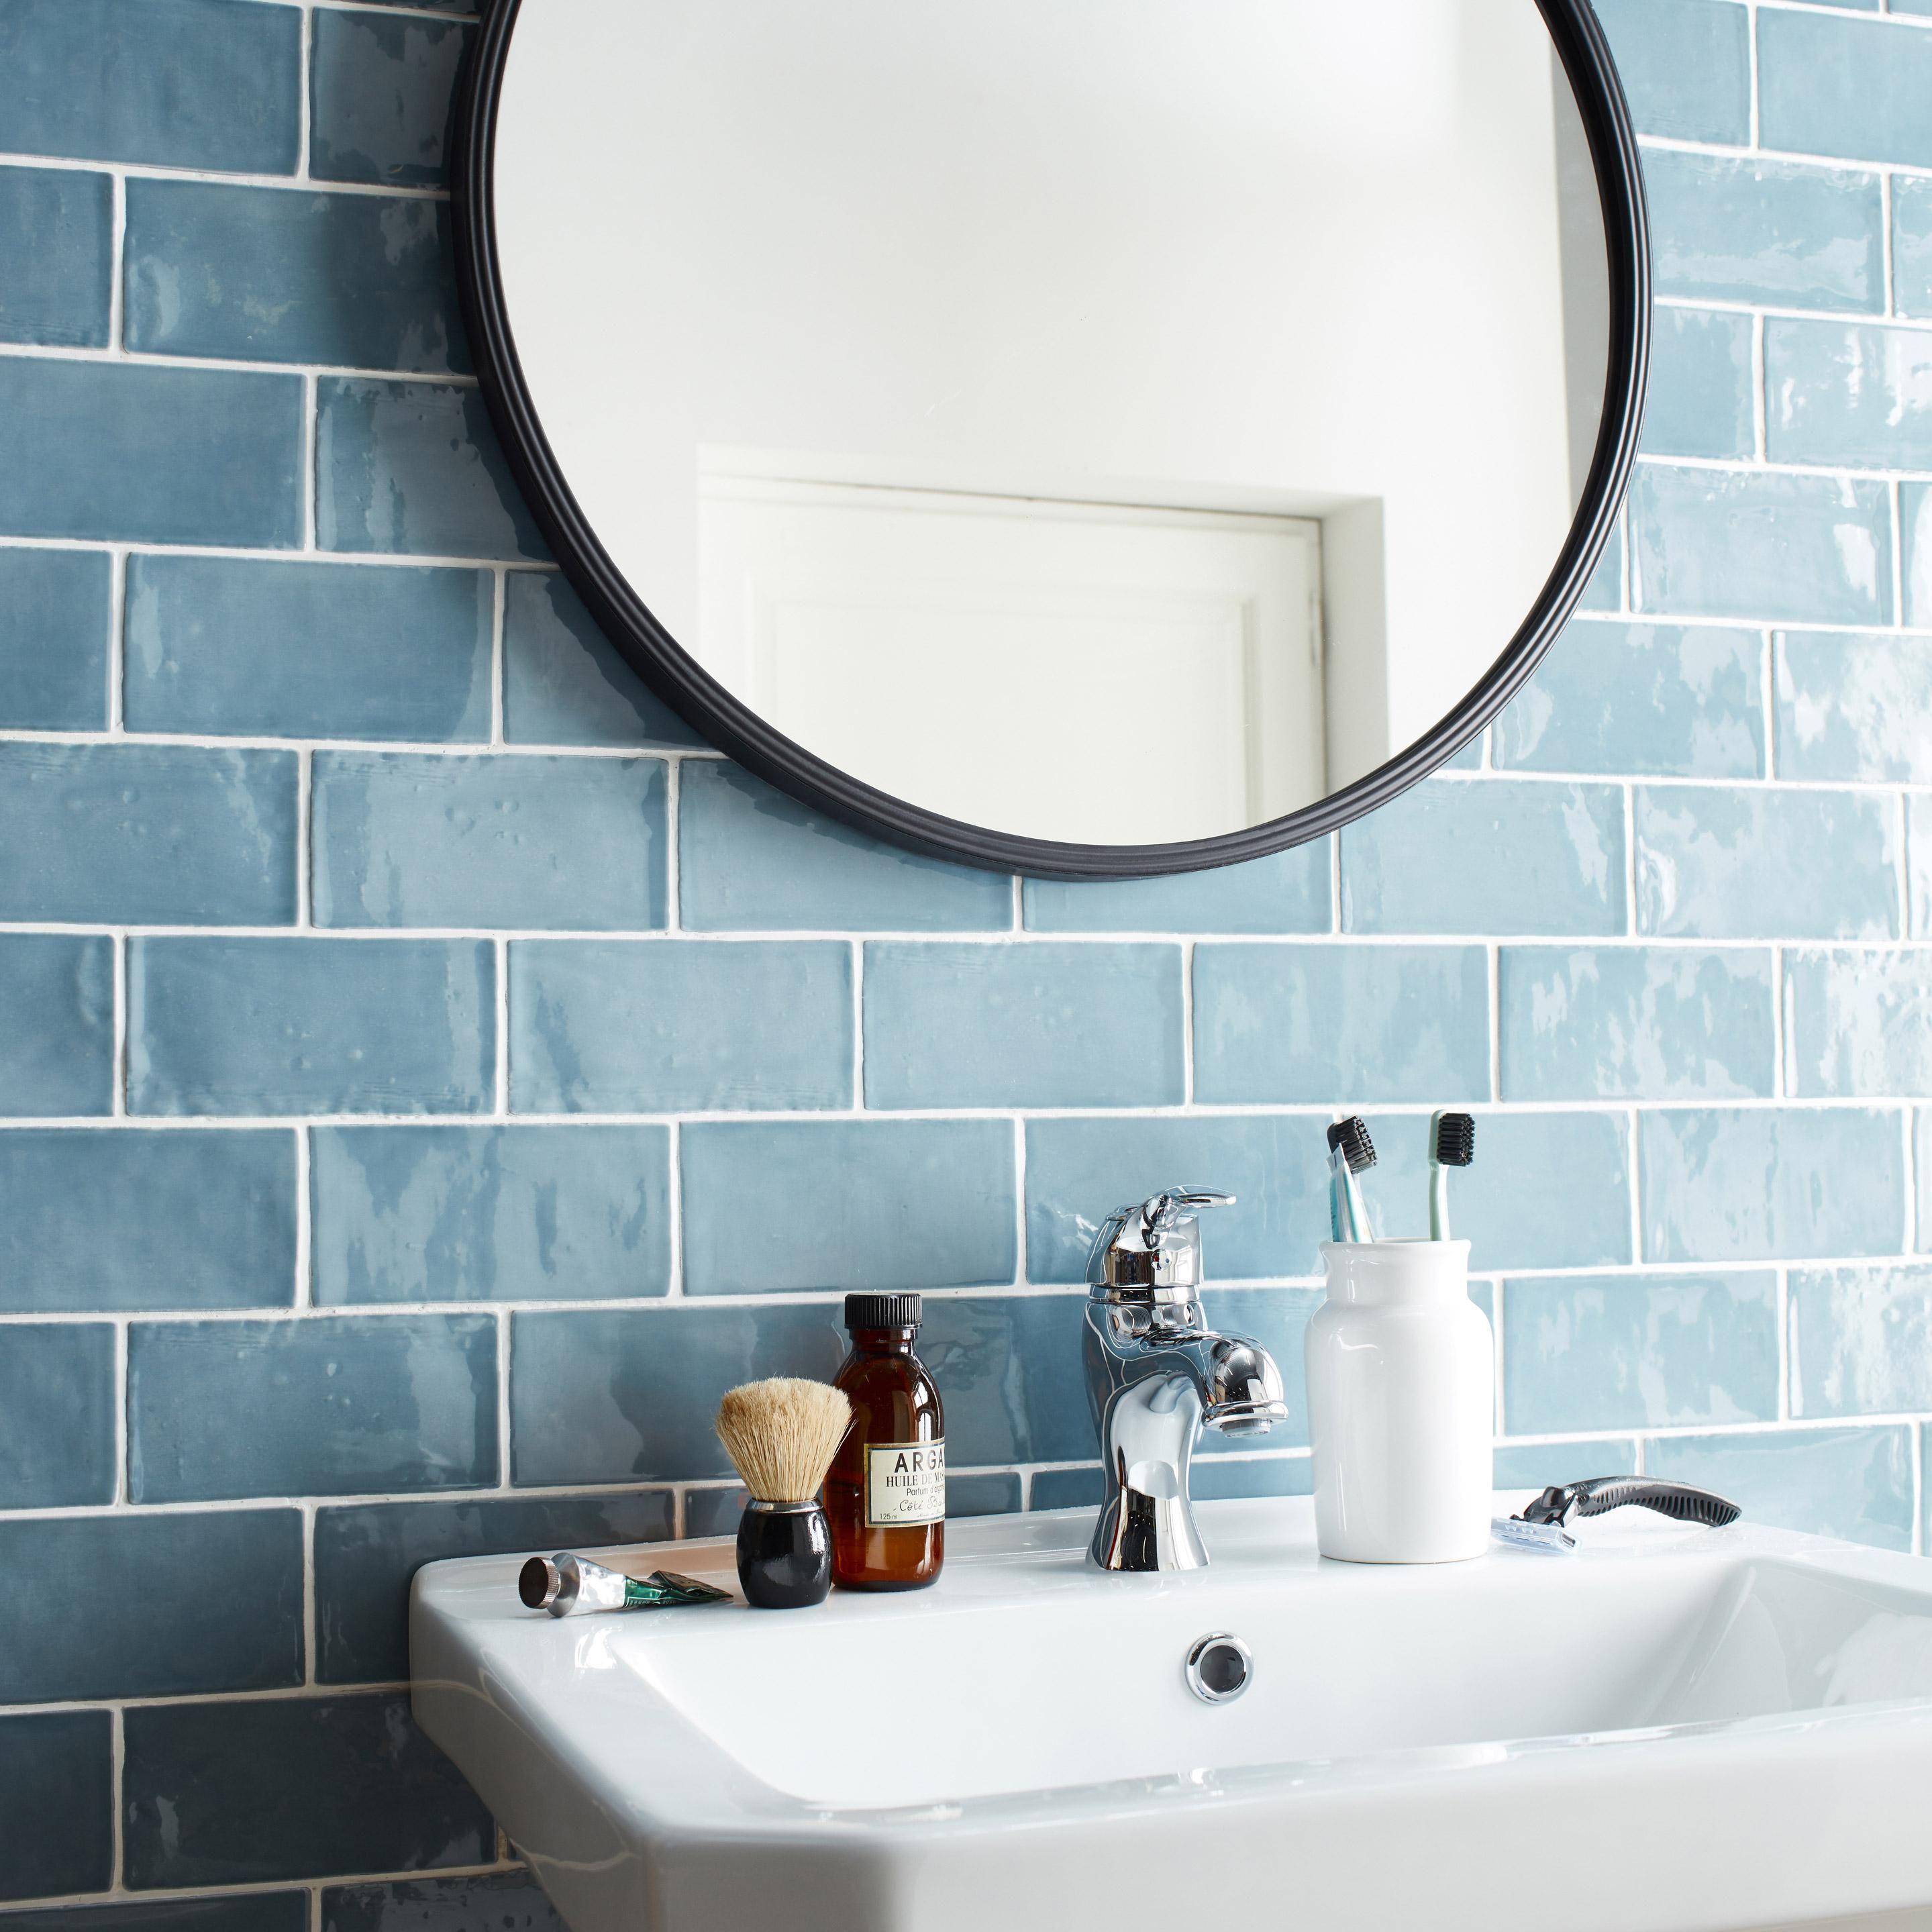 Lavabo Colonne En Ceramique Blanc Sensea Charm En 2020 Lavabo